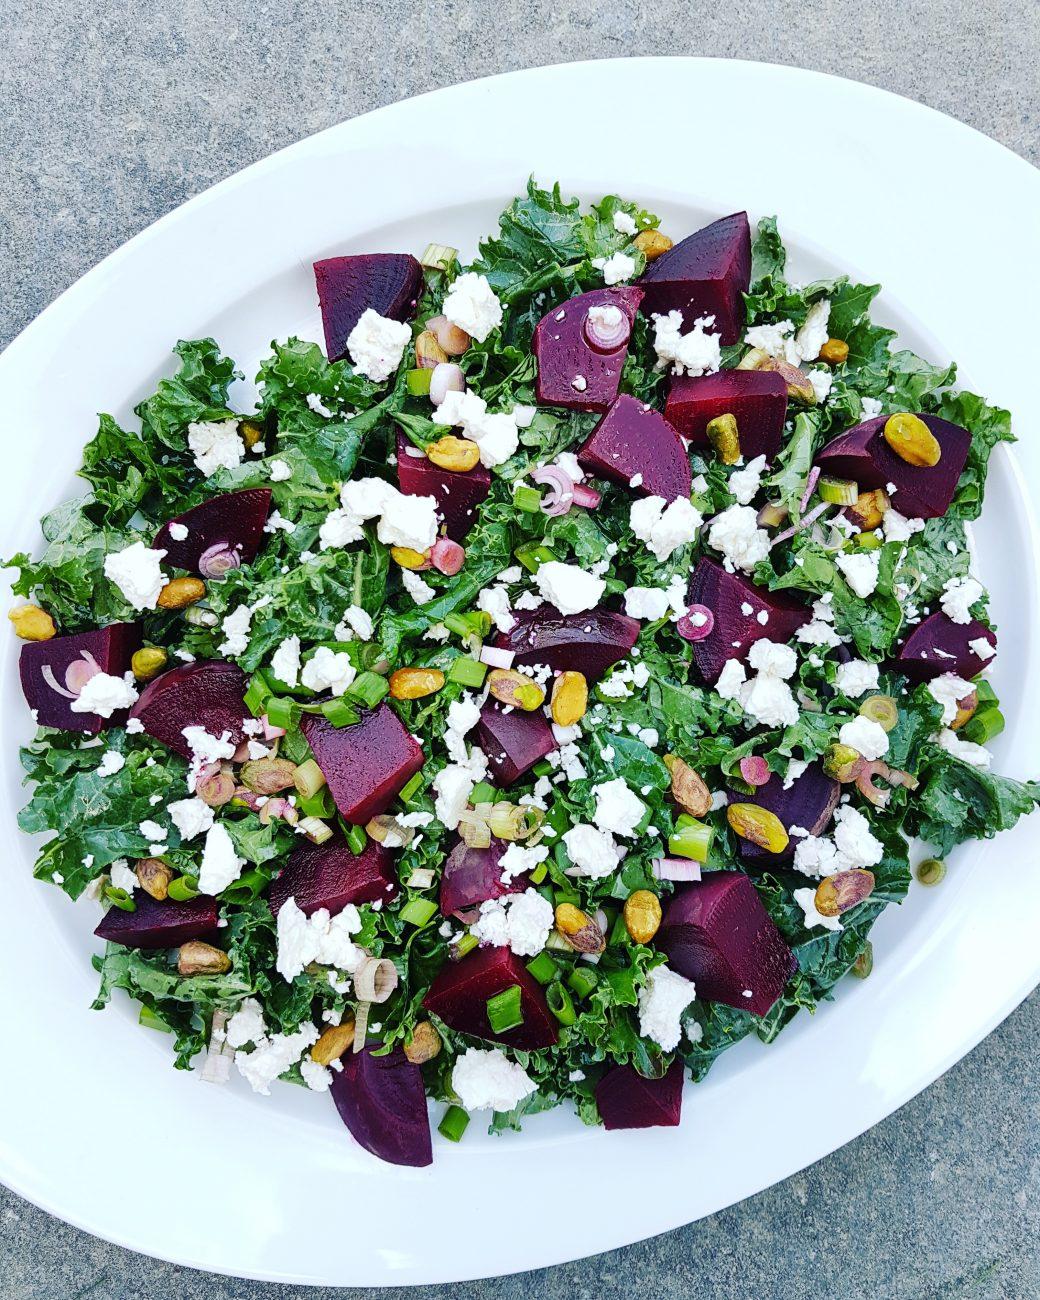 Salade de kale, betteraves, pistaches, féta léger et miel